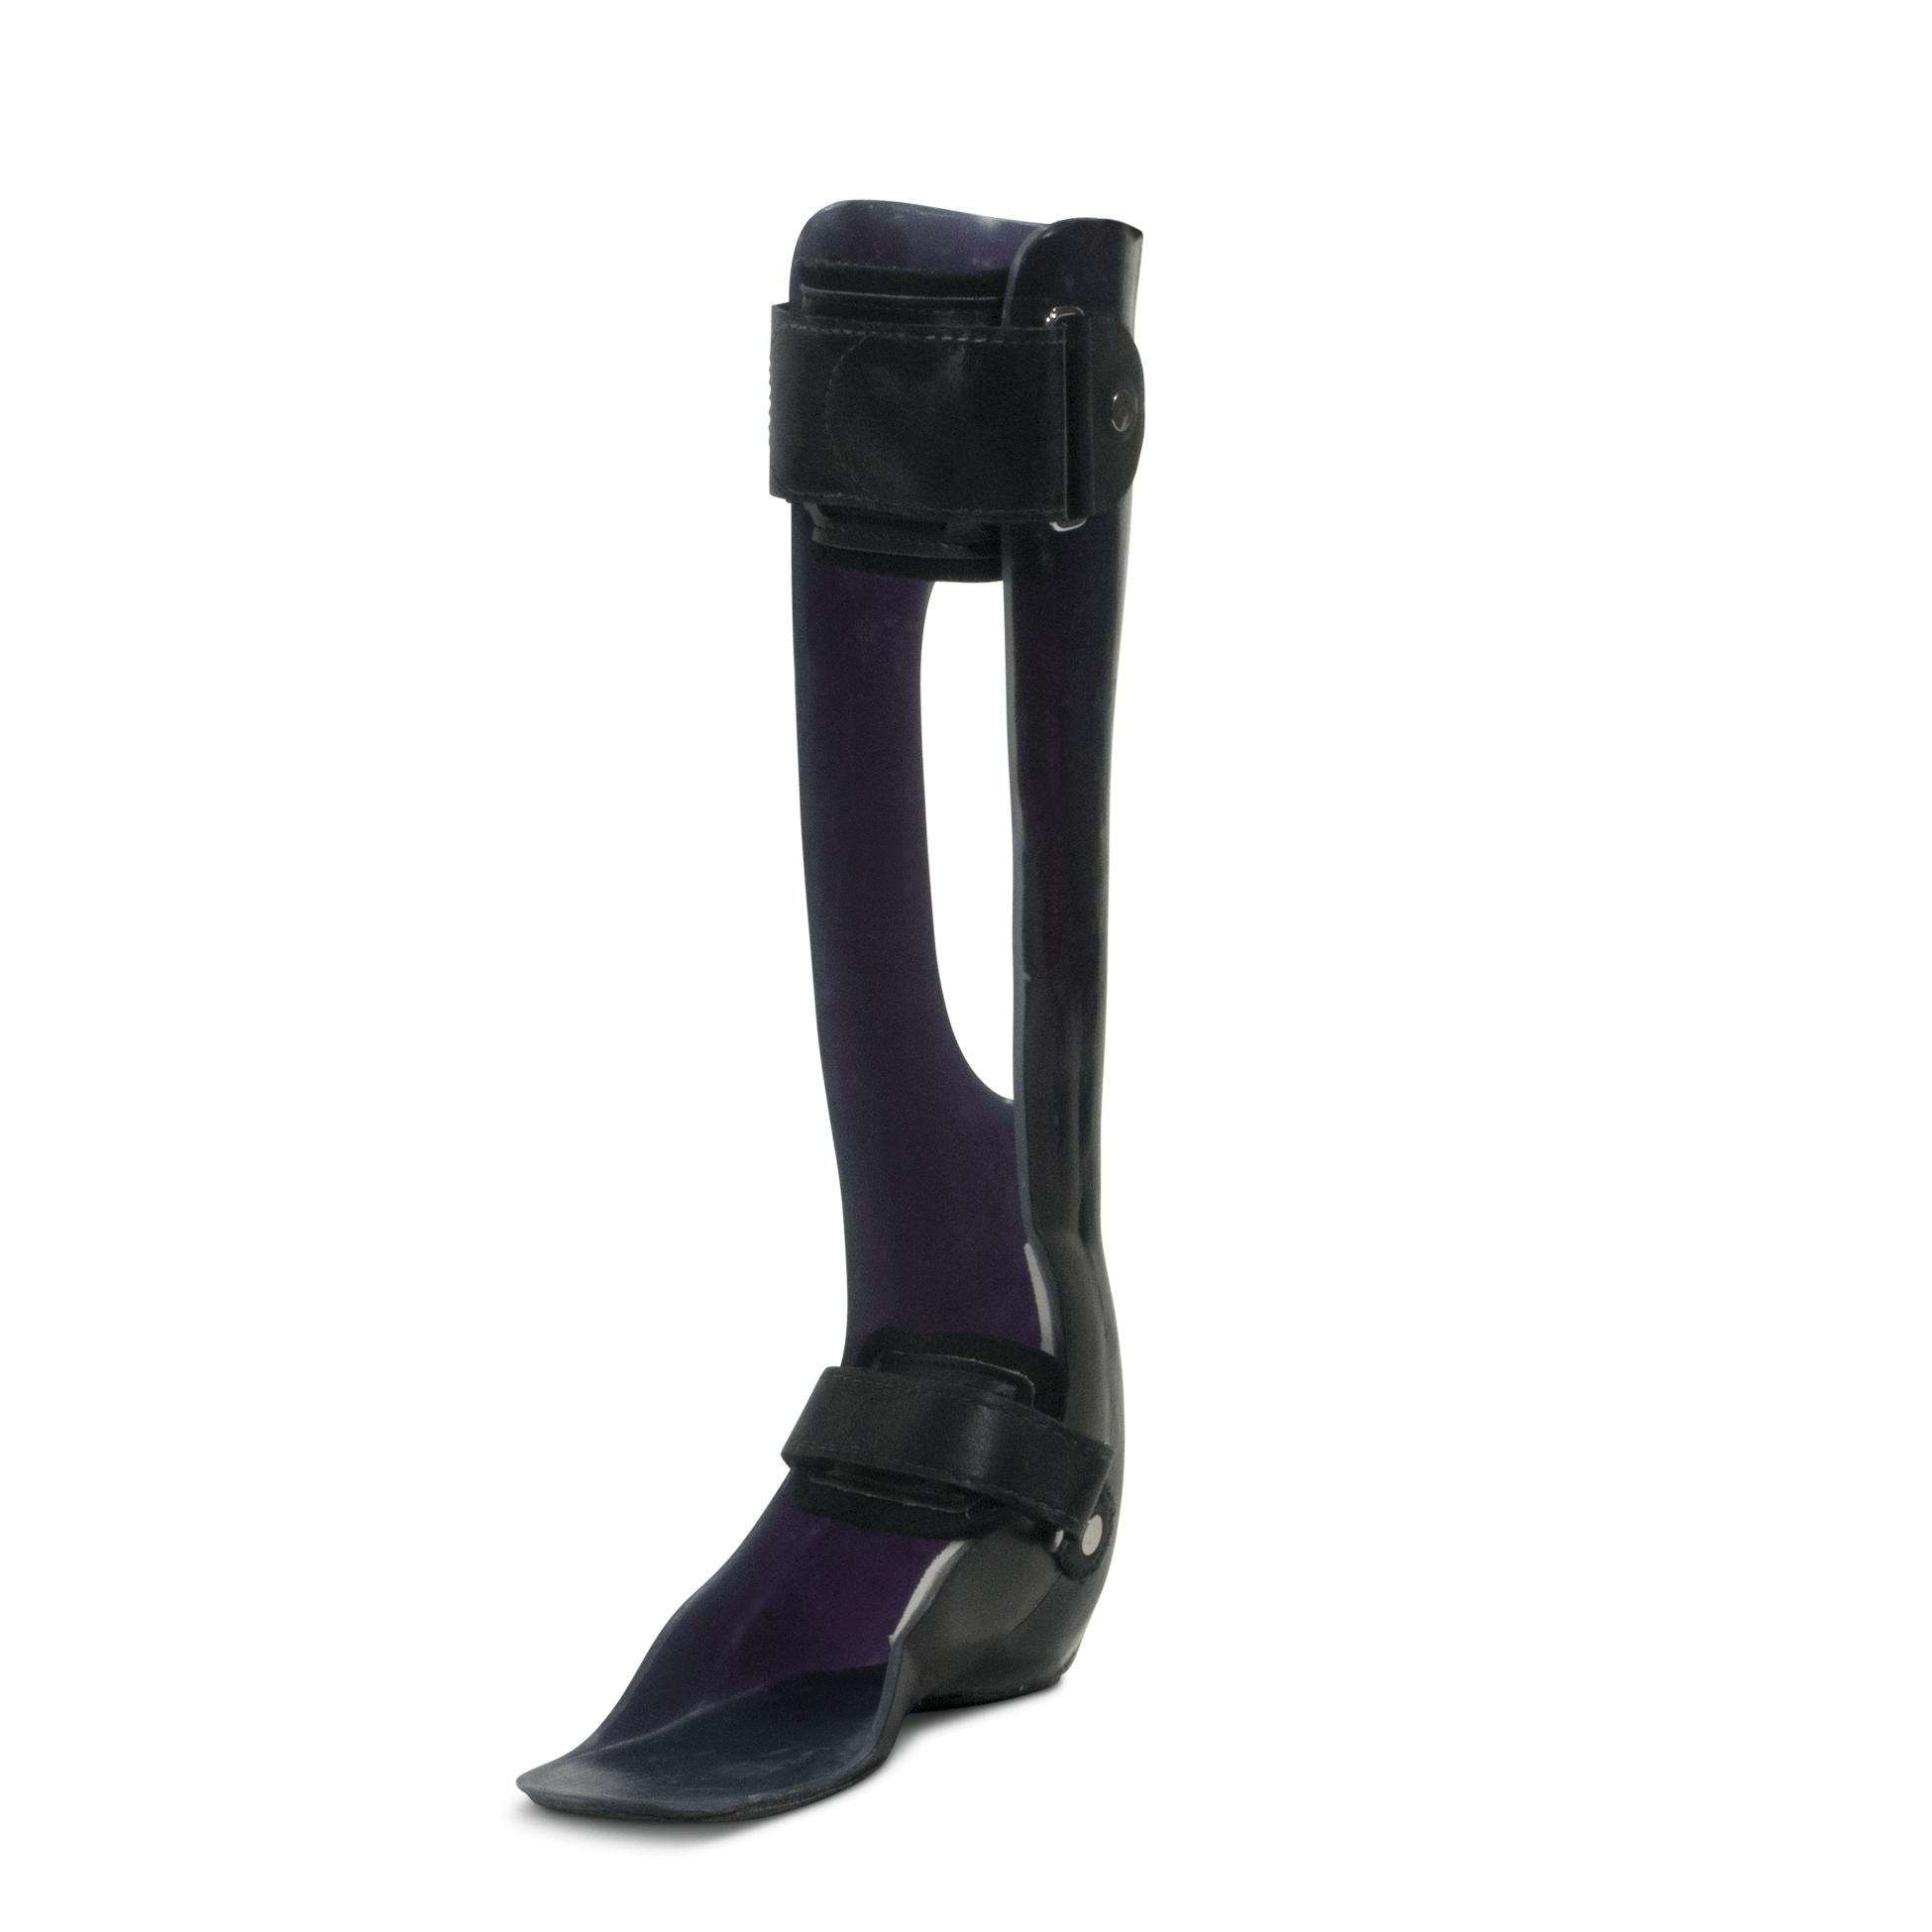 Rigid Ankle - Foot Orthoses (Rigid-AFO)